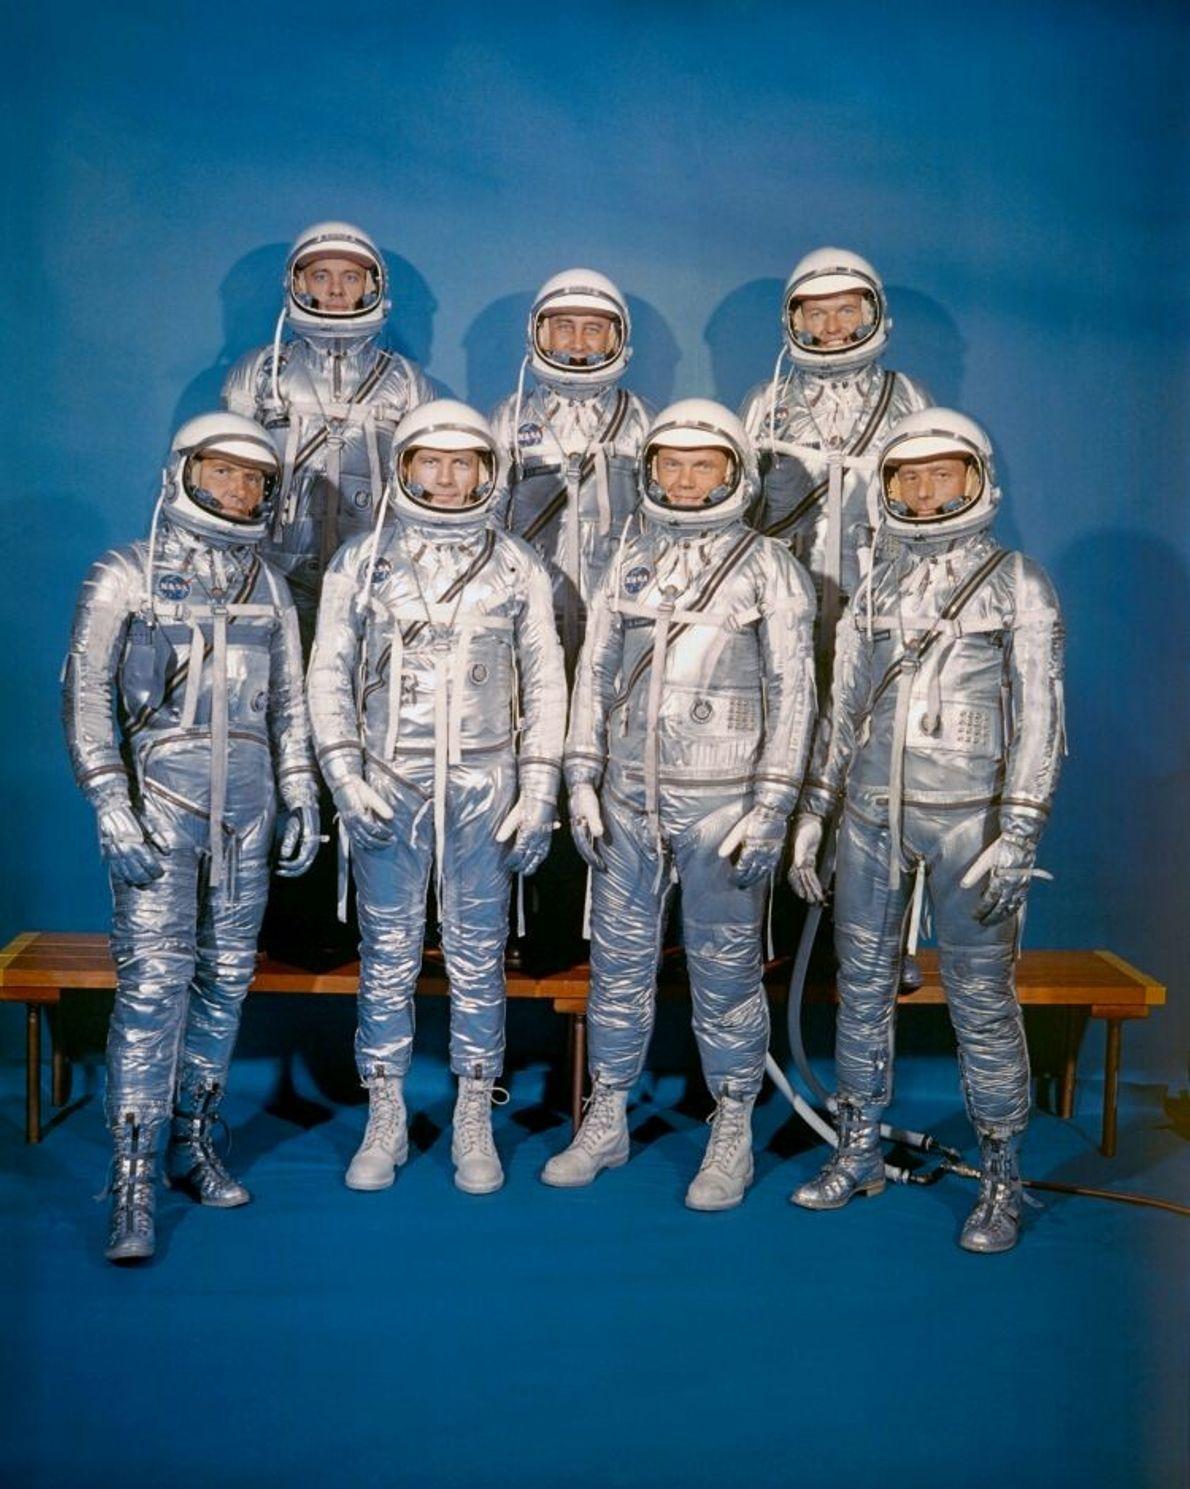 Die Mercury-7-Astronauten in ihren Raumanzügen. Die aus Druckanzügen der US Navy entwickelten Anzüge aus aluminiumbeschichtetem Nylon ...